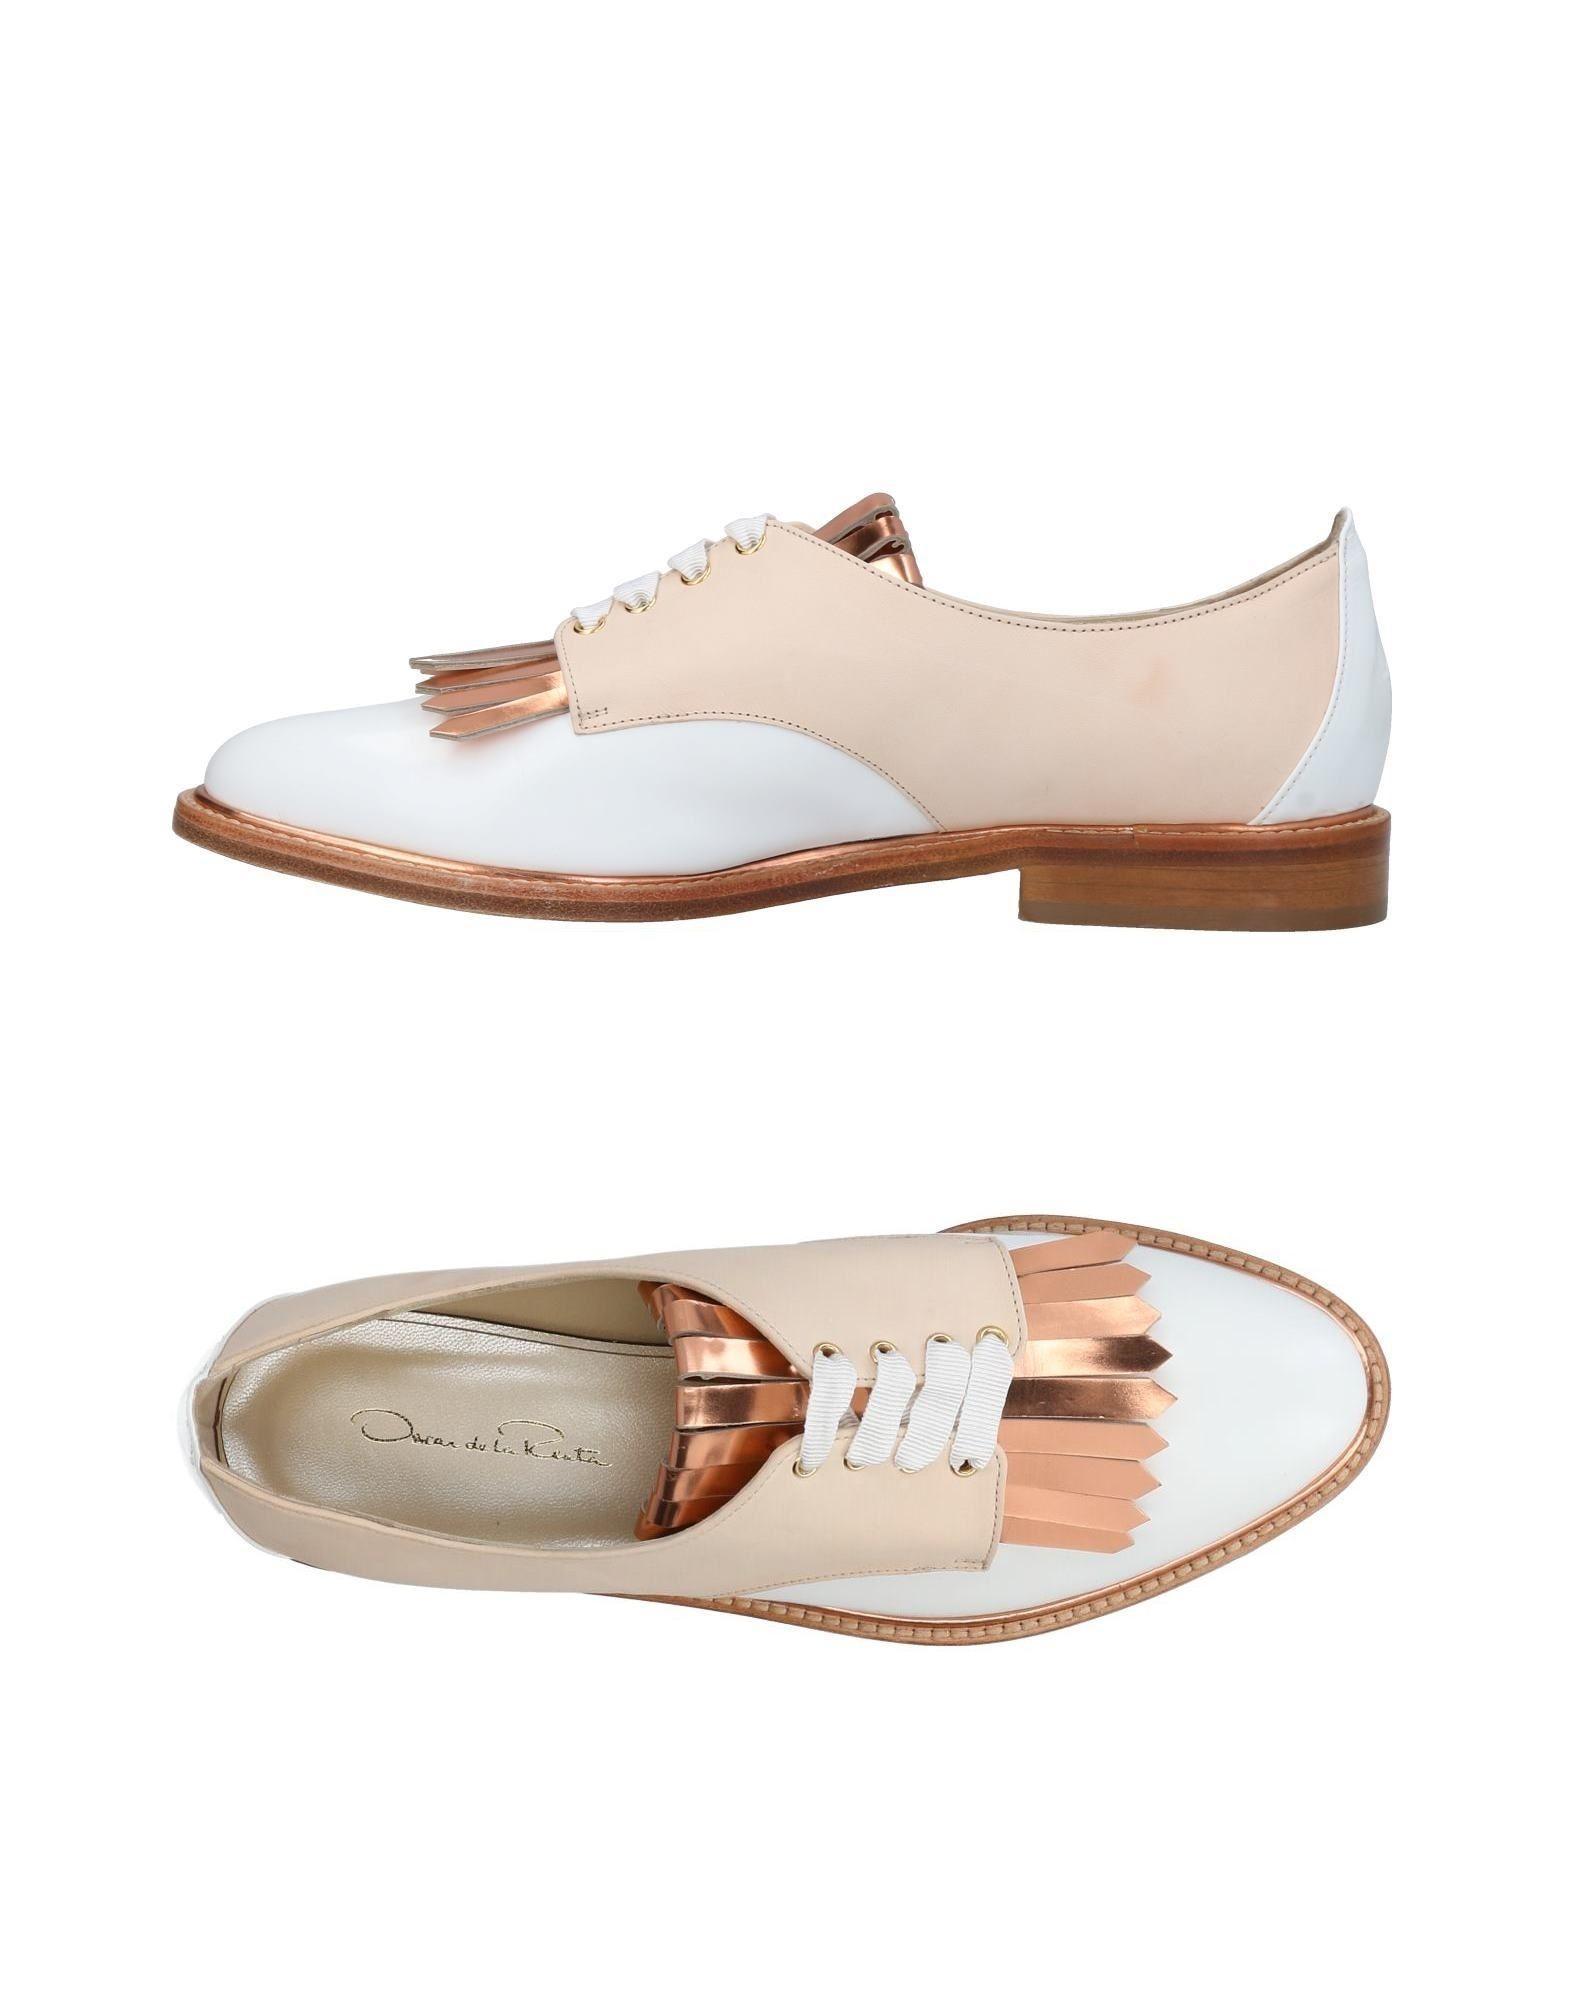 Oscar De La Renta Lace-up Shoes In Beige